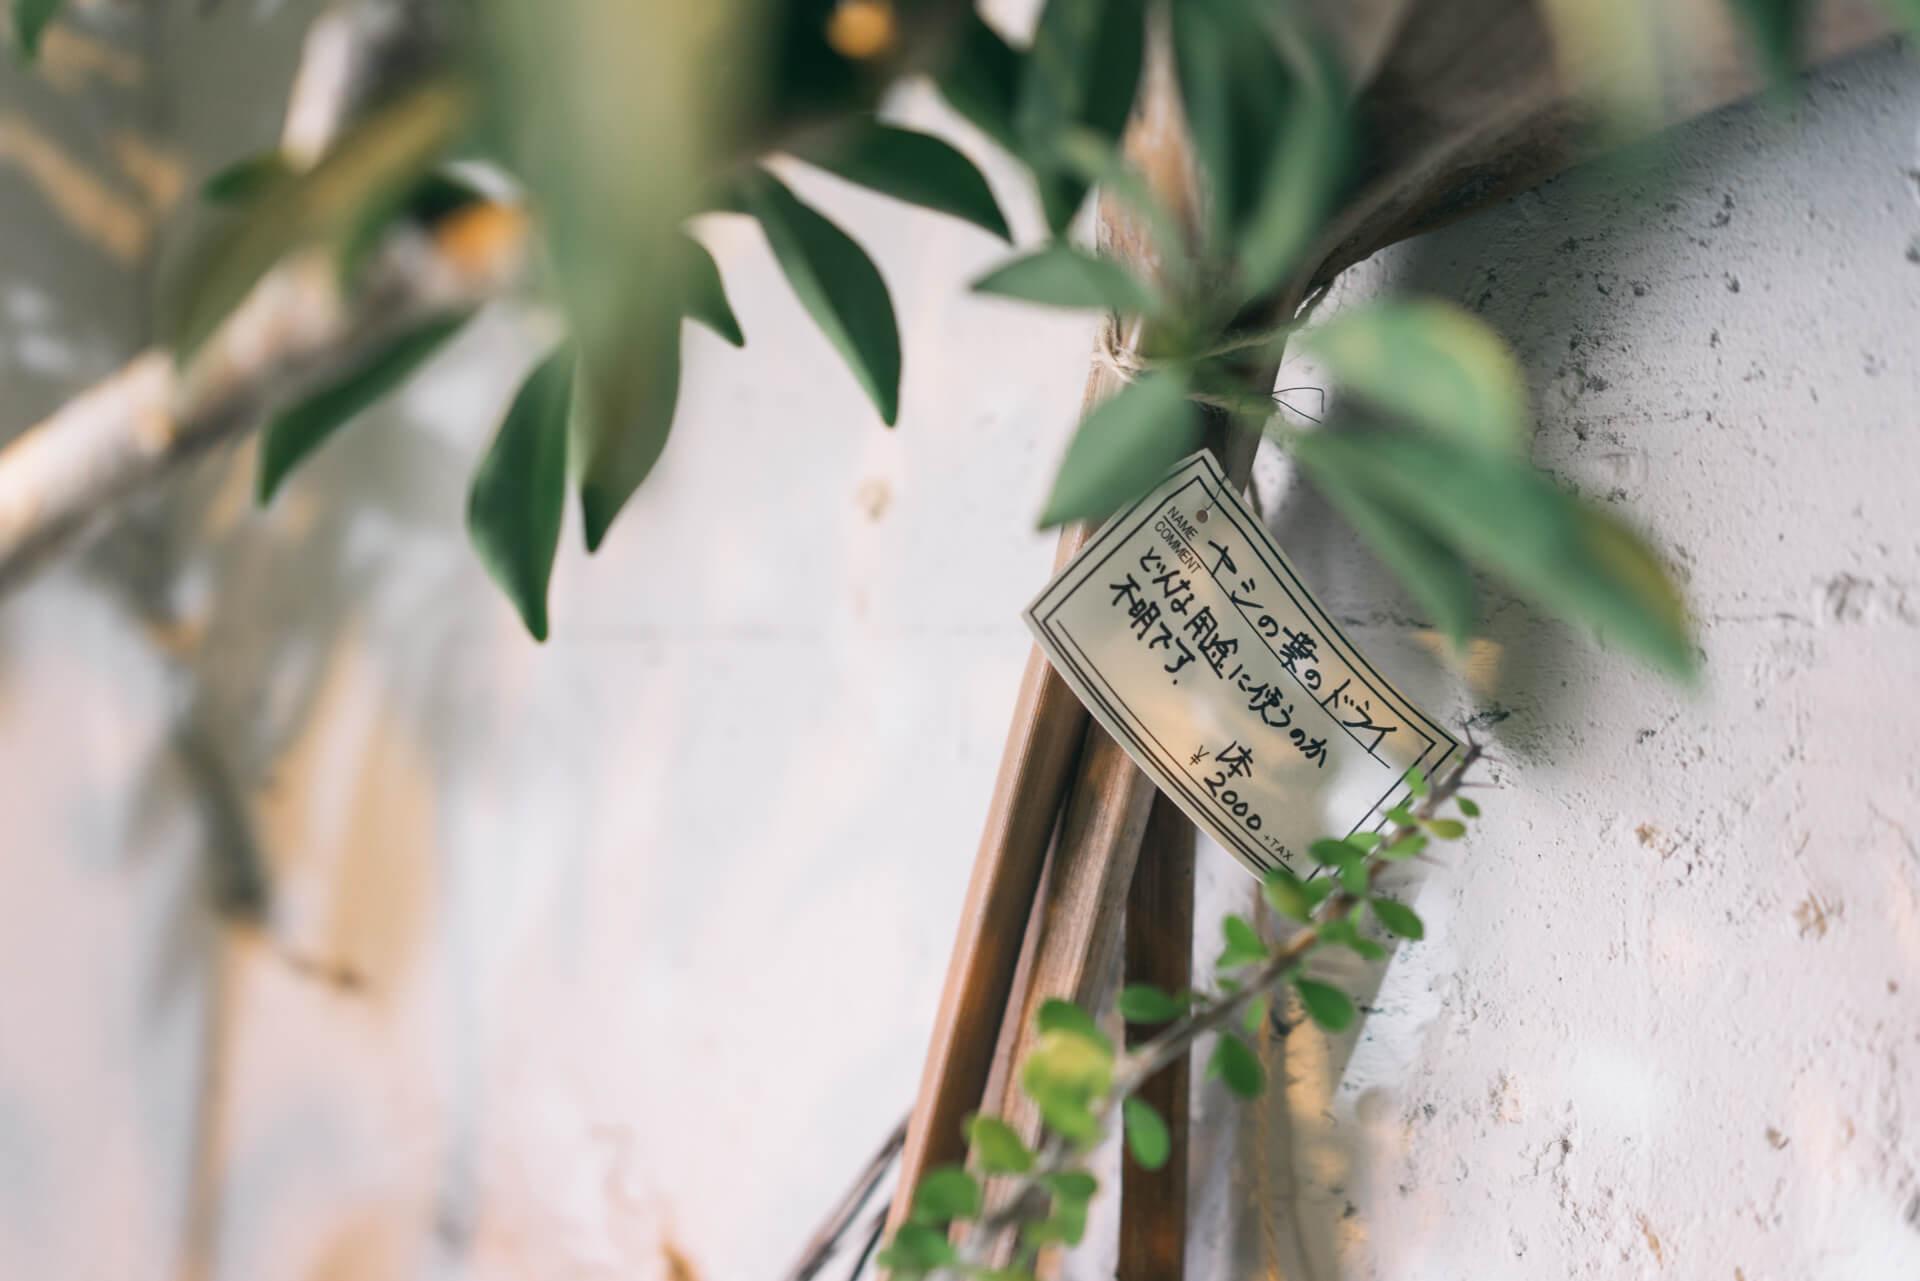 「どんな用途に使うのか不明です」と書かれて売られていた、ヤシの葉のドライ。